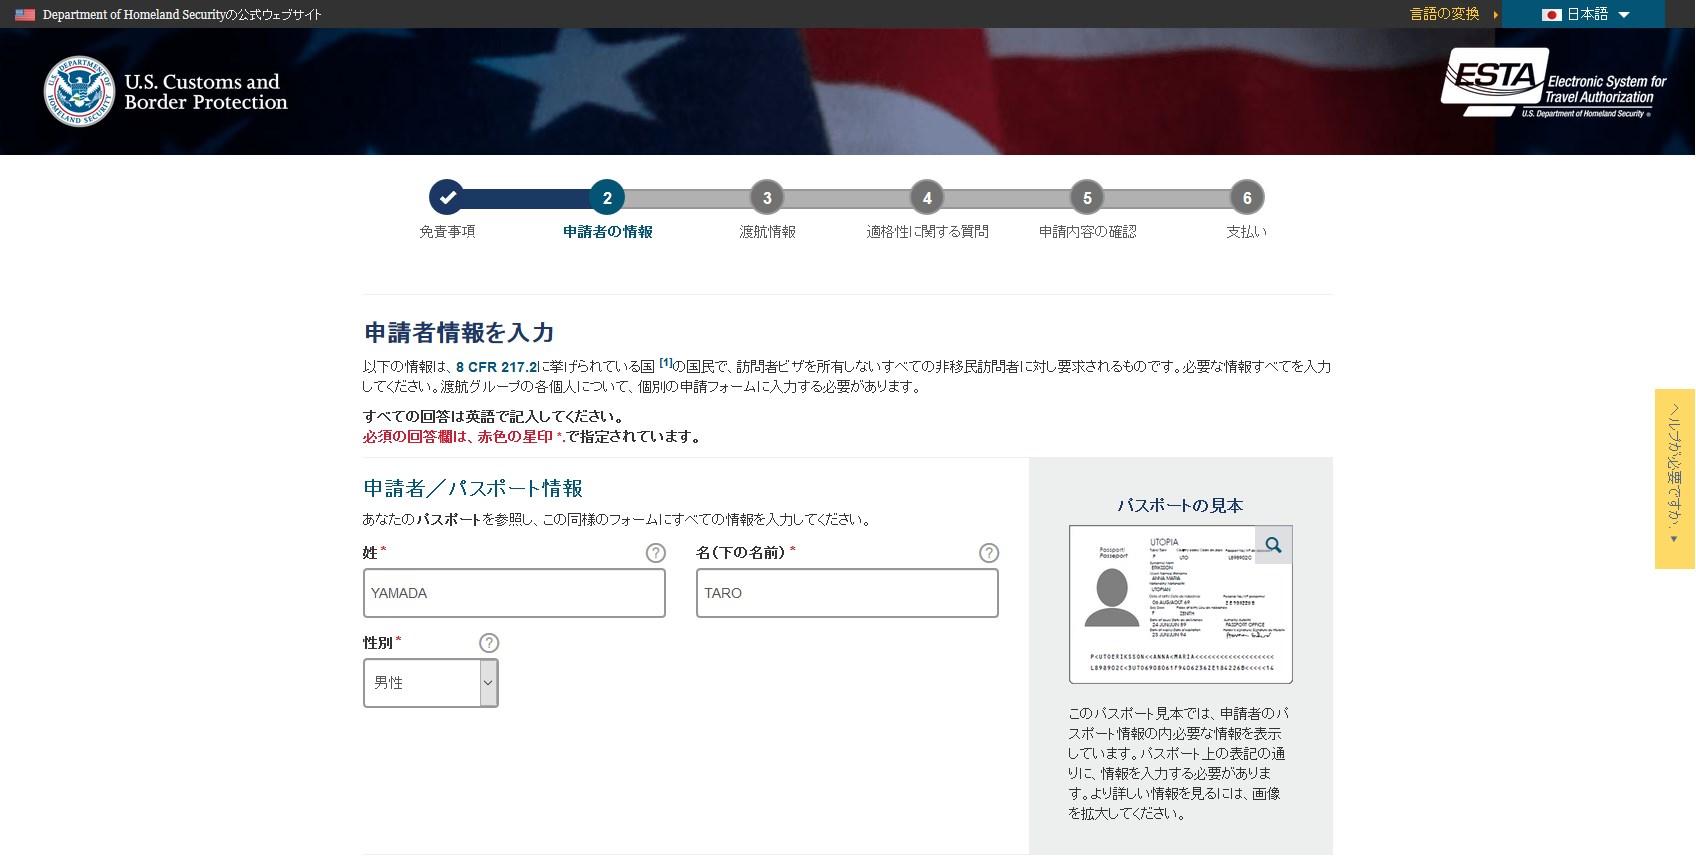 申請者の情報入力例01